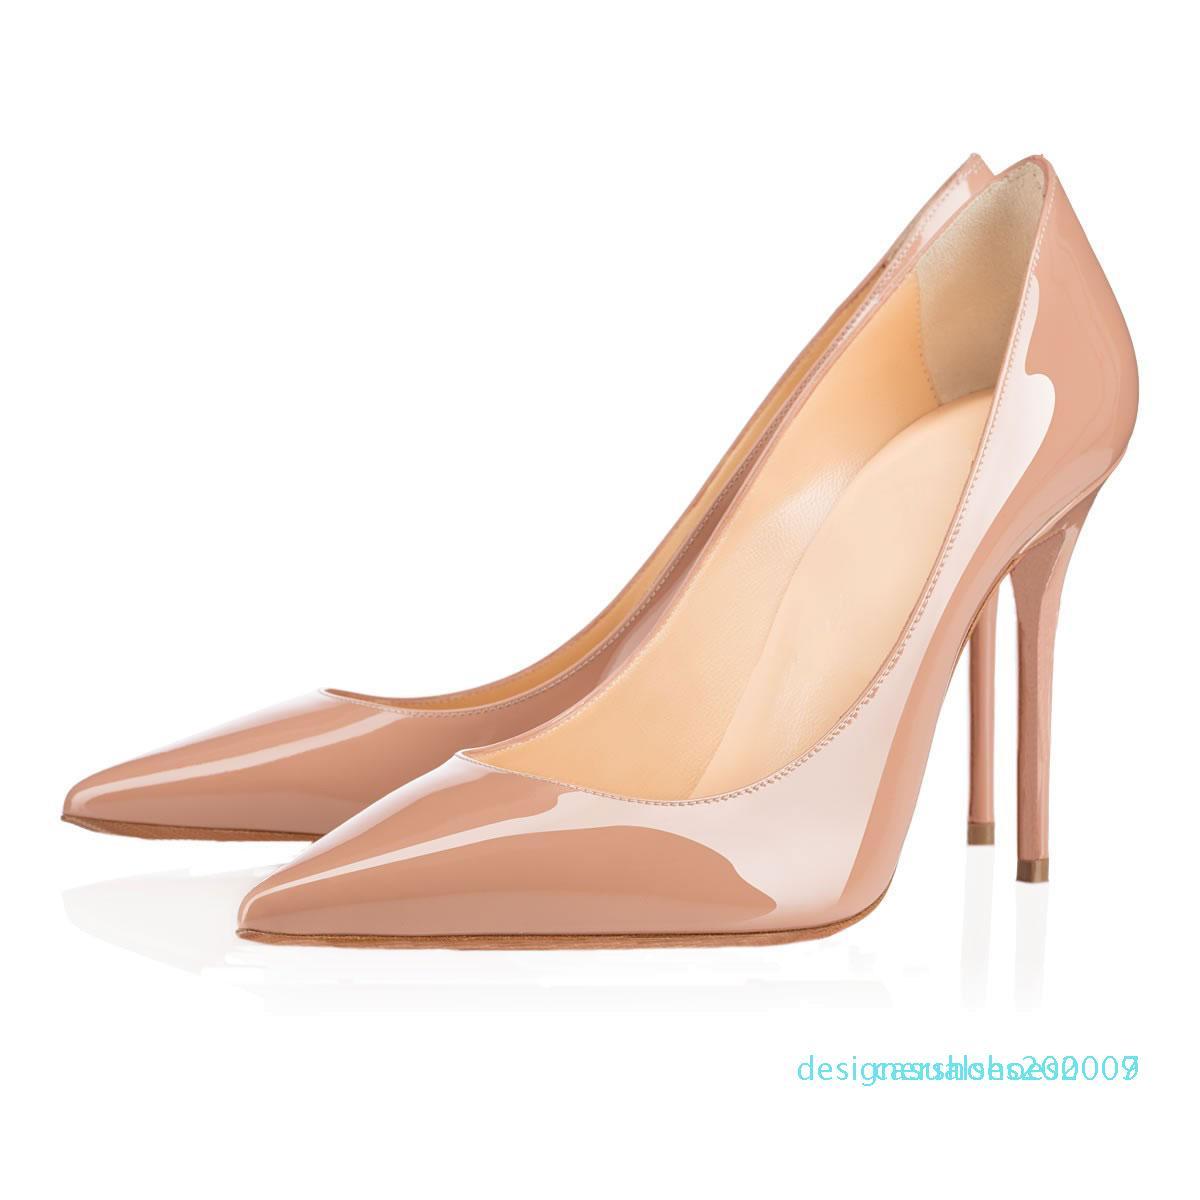 Vente en gros Femmes Noir Sheepskin Nu en cuir verni Poined Toe femmes pompes, mode rouge Bas chaussures de talons hauts pour les femmes de mariage d07